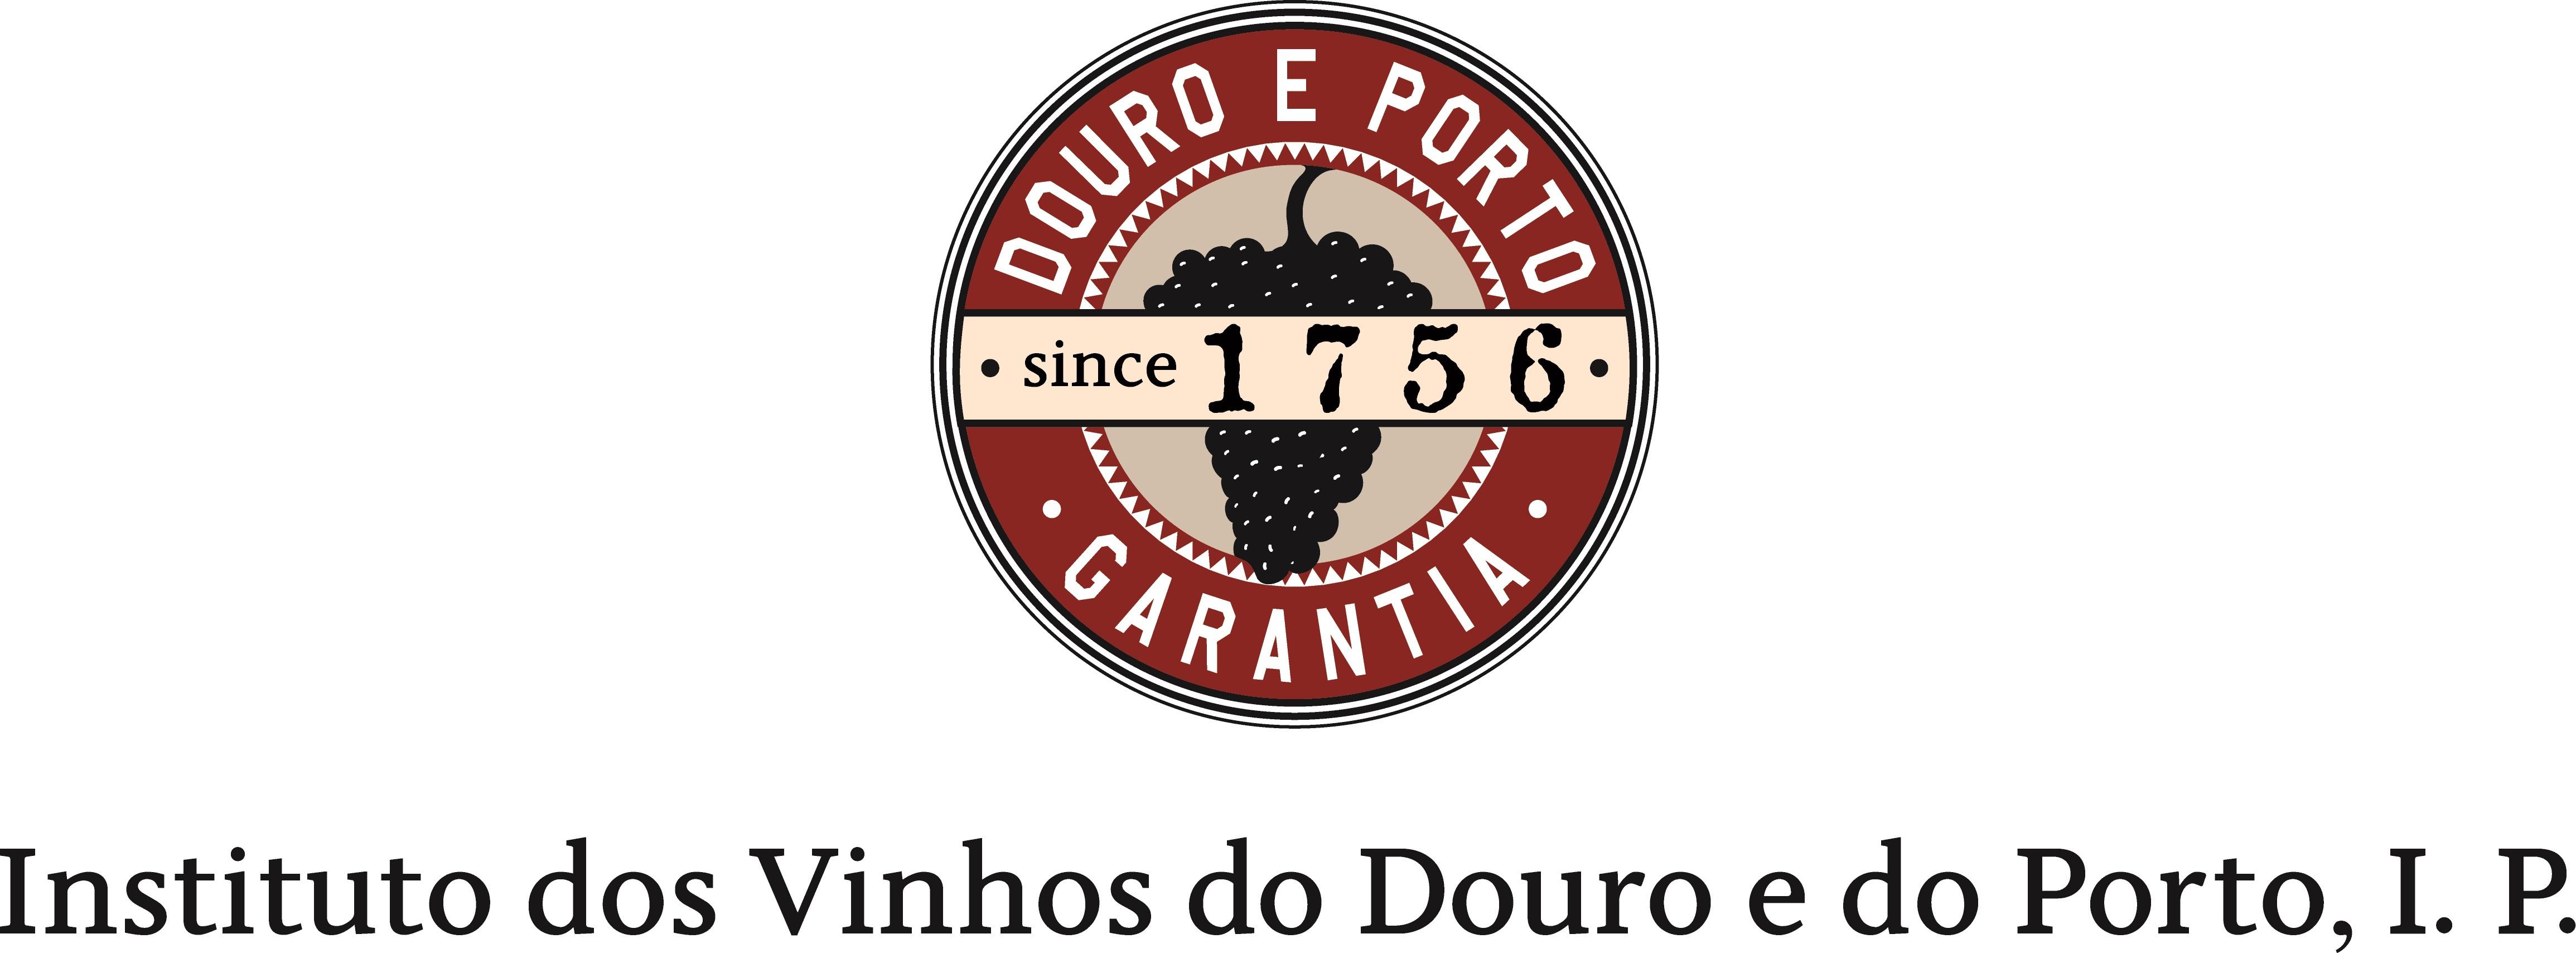 Logo-IVDP.jpg